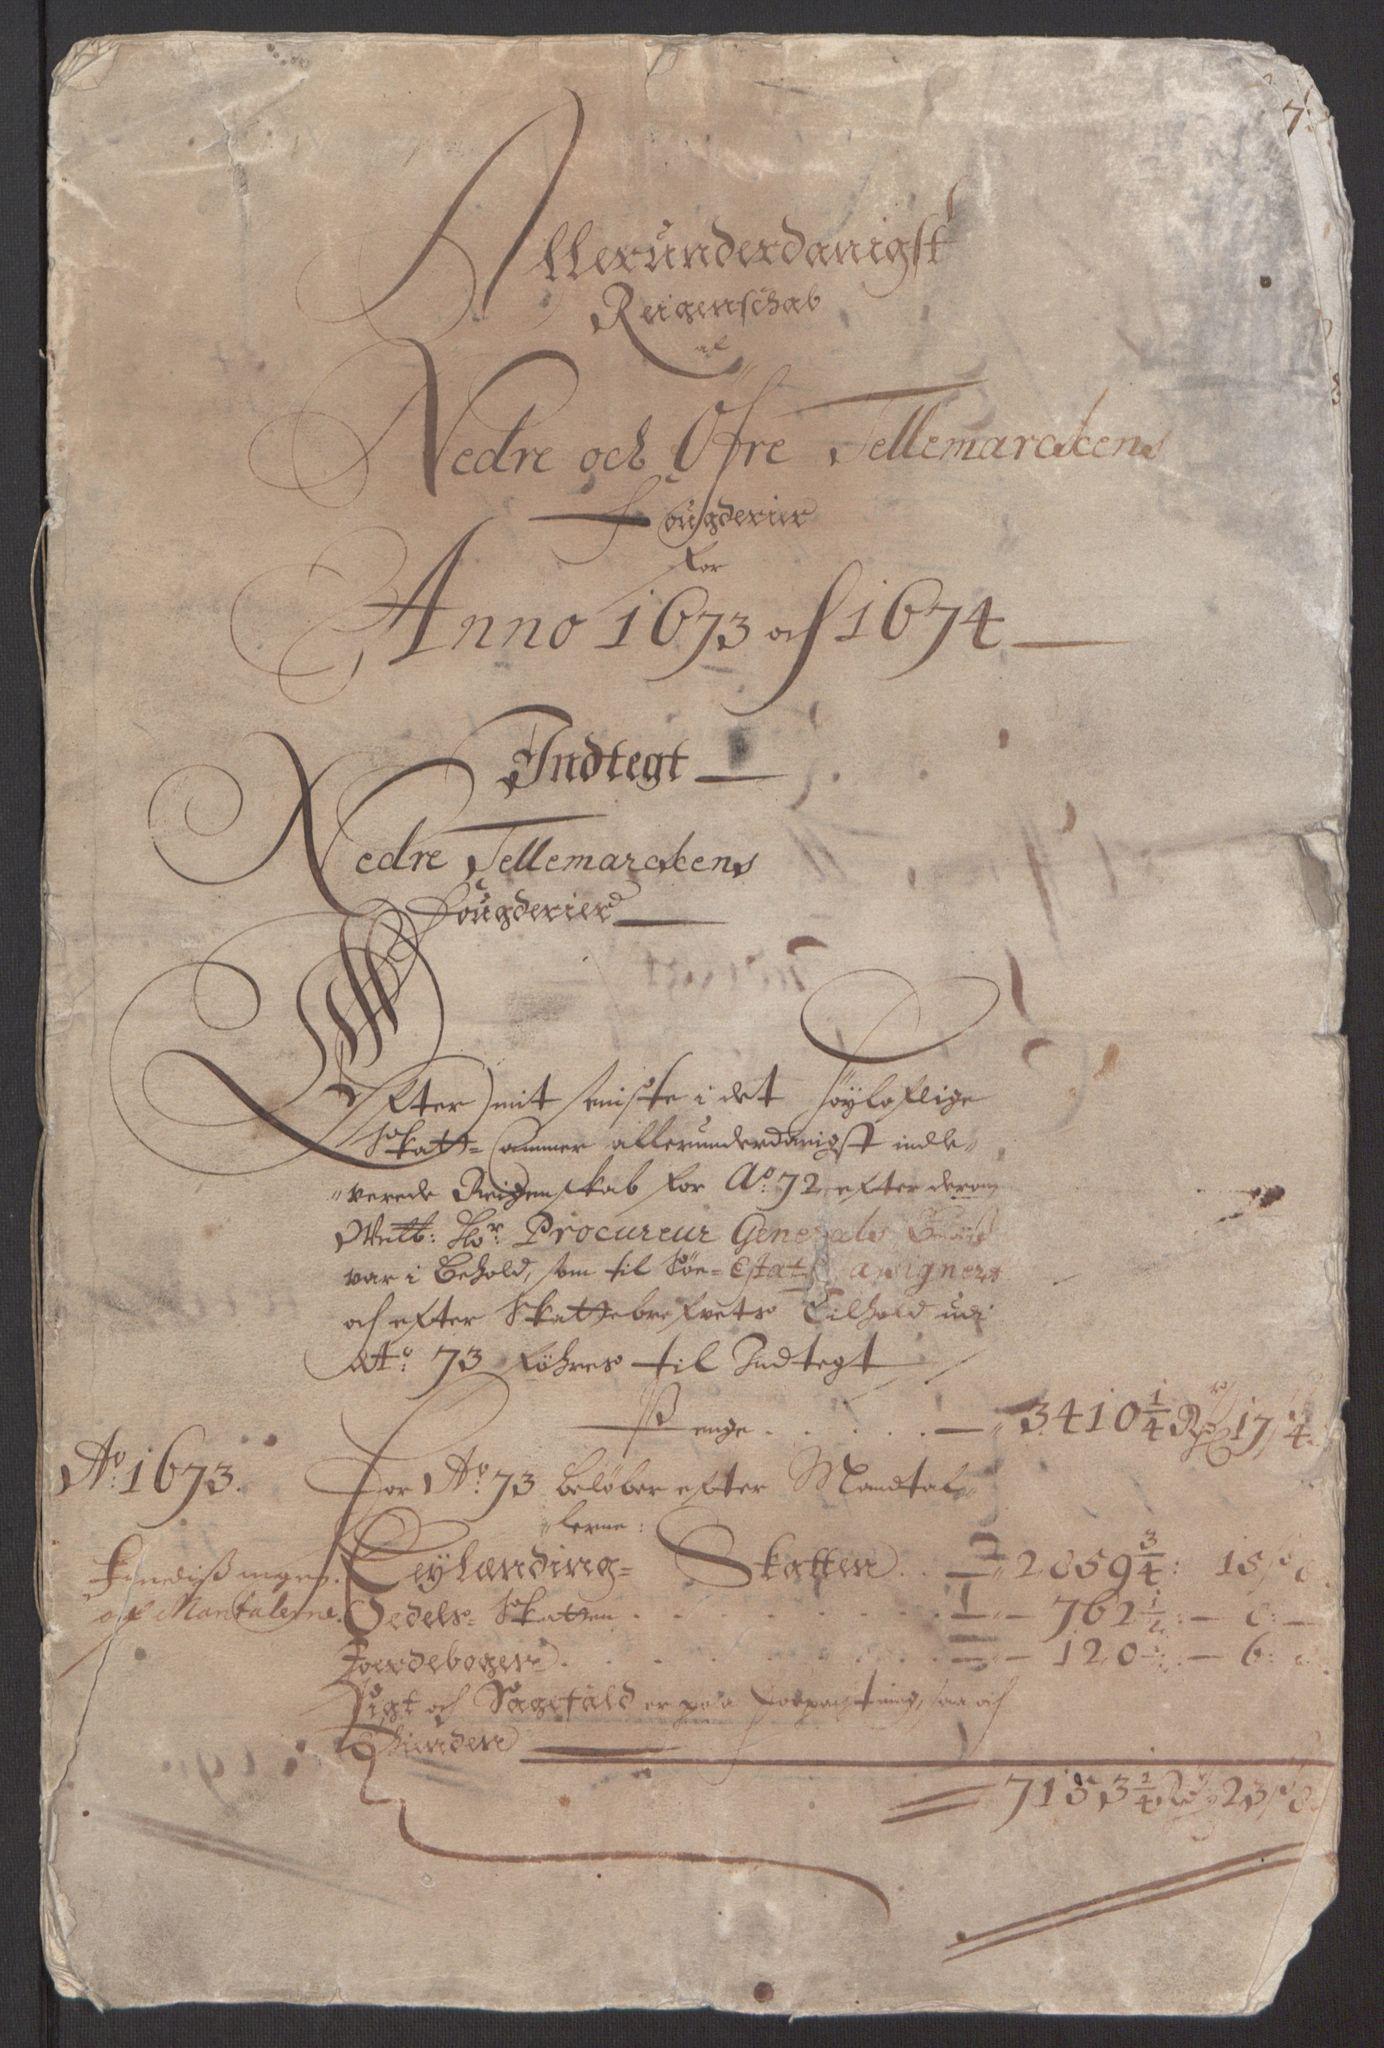 RA, Rentekammeret inntil 1814, Reviderte regnskaper, Fogderegnskap, R35/L2061: Fogderegnskap Øvre og Nedre Telemark, 1673-1674, s. 3